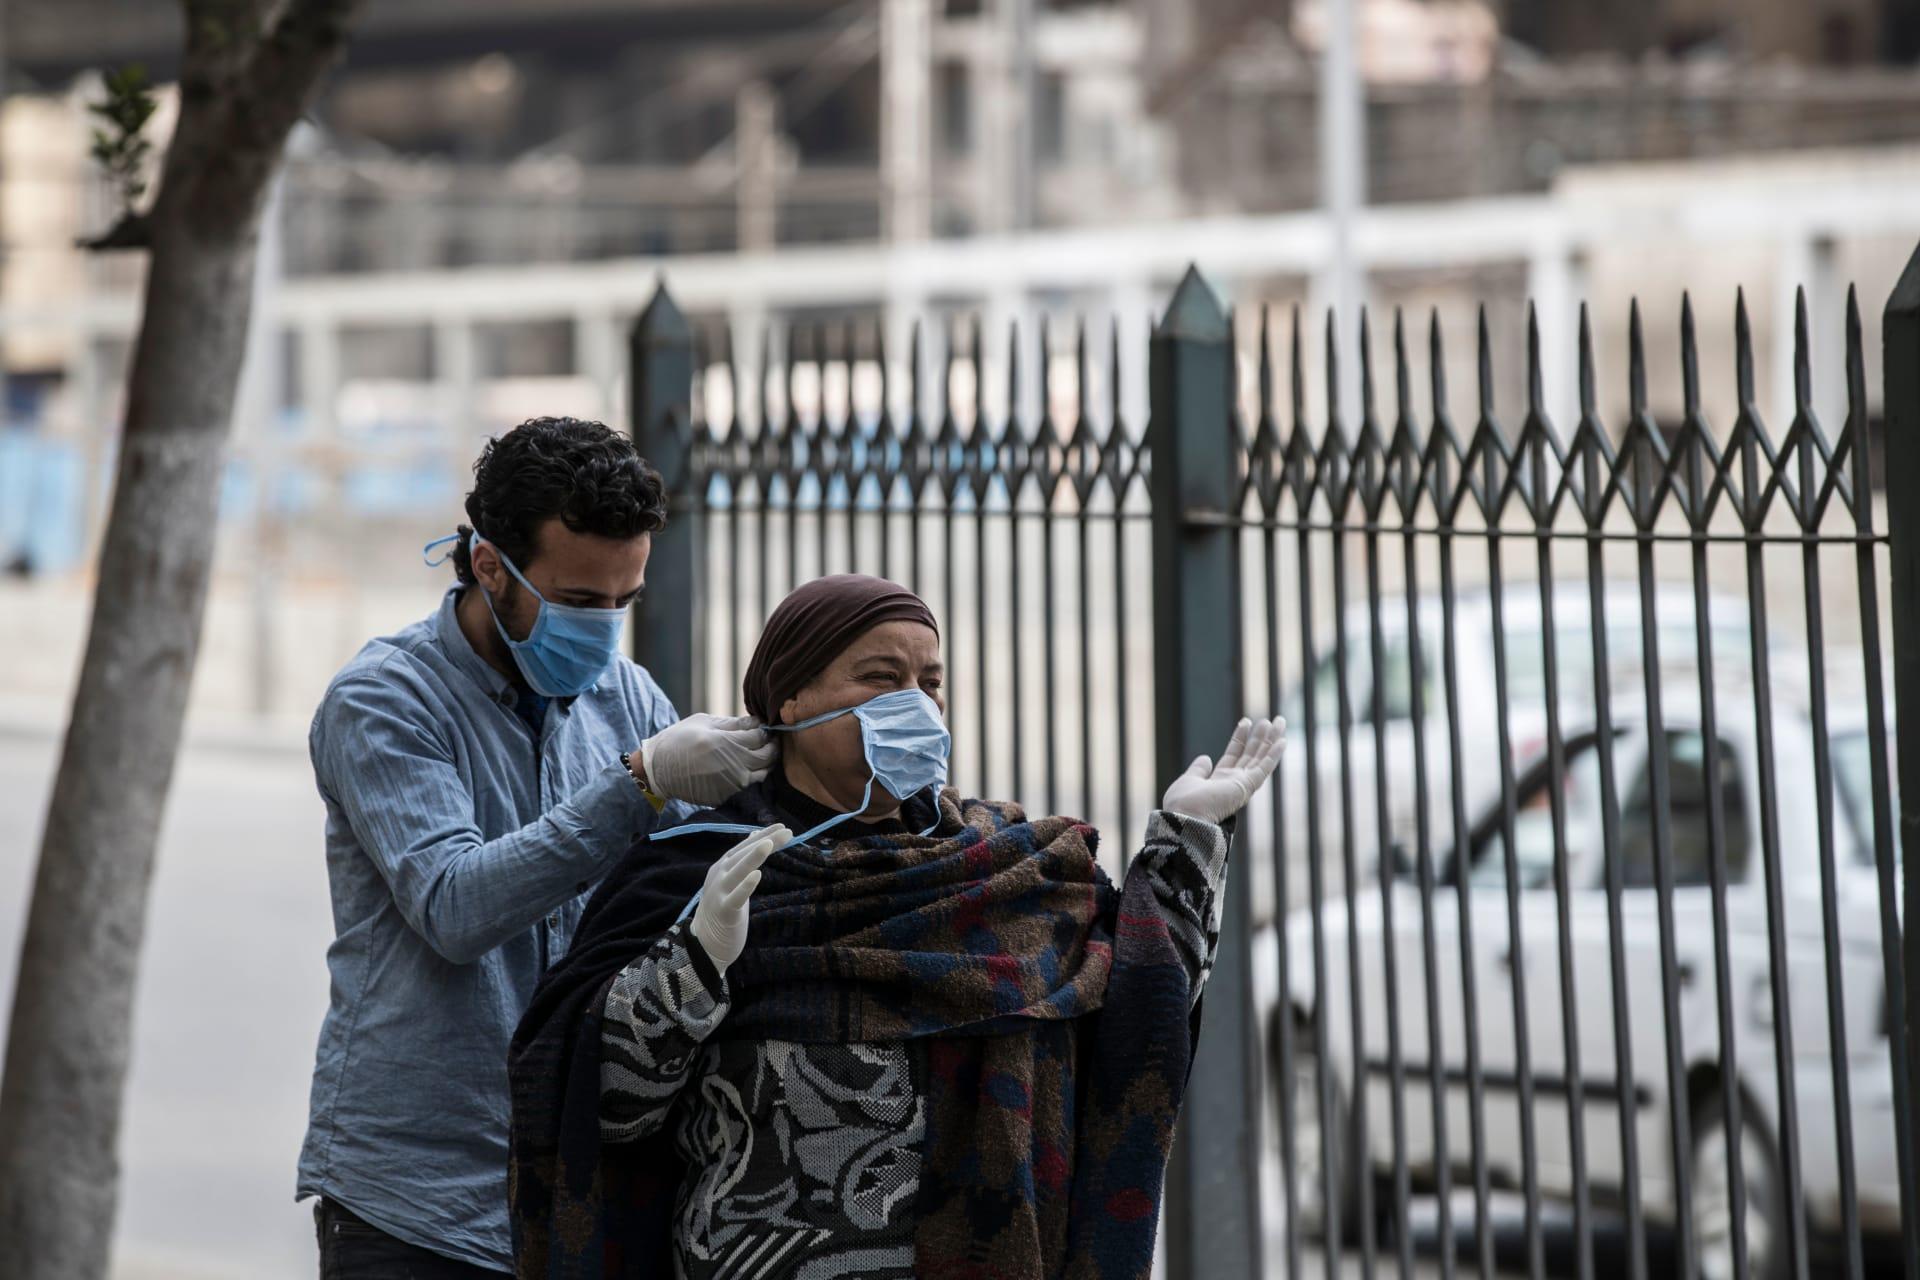 متطوع يربط قناعا لإمرأة مصرية في شارع بالعاصمة المصرية القاهرة